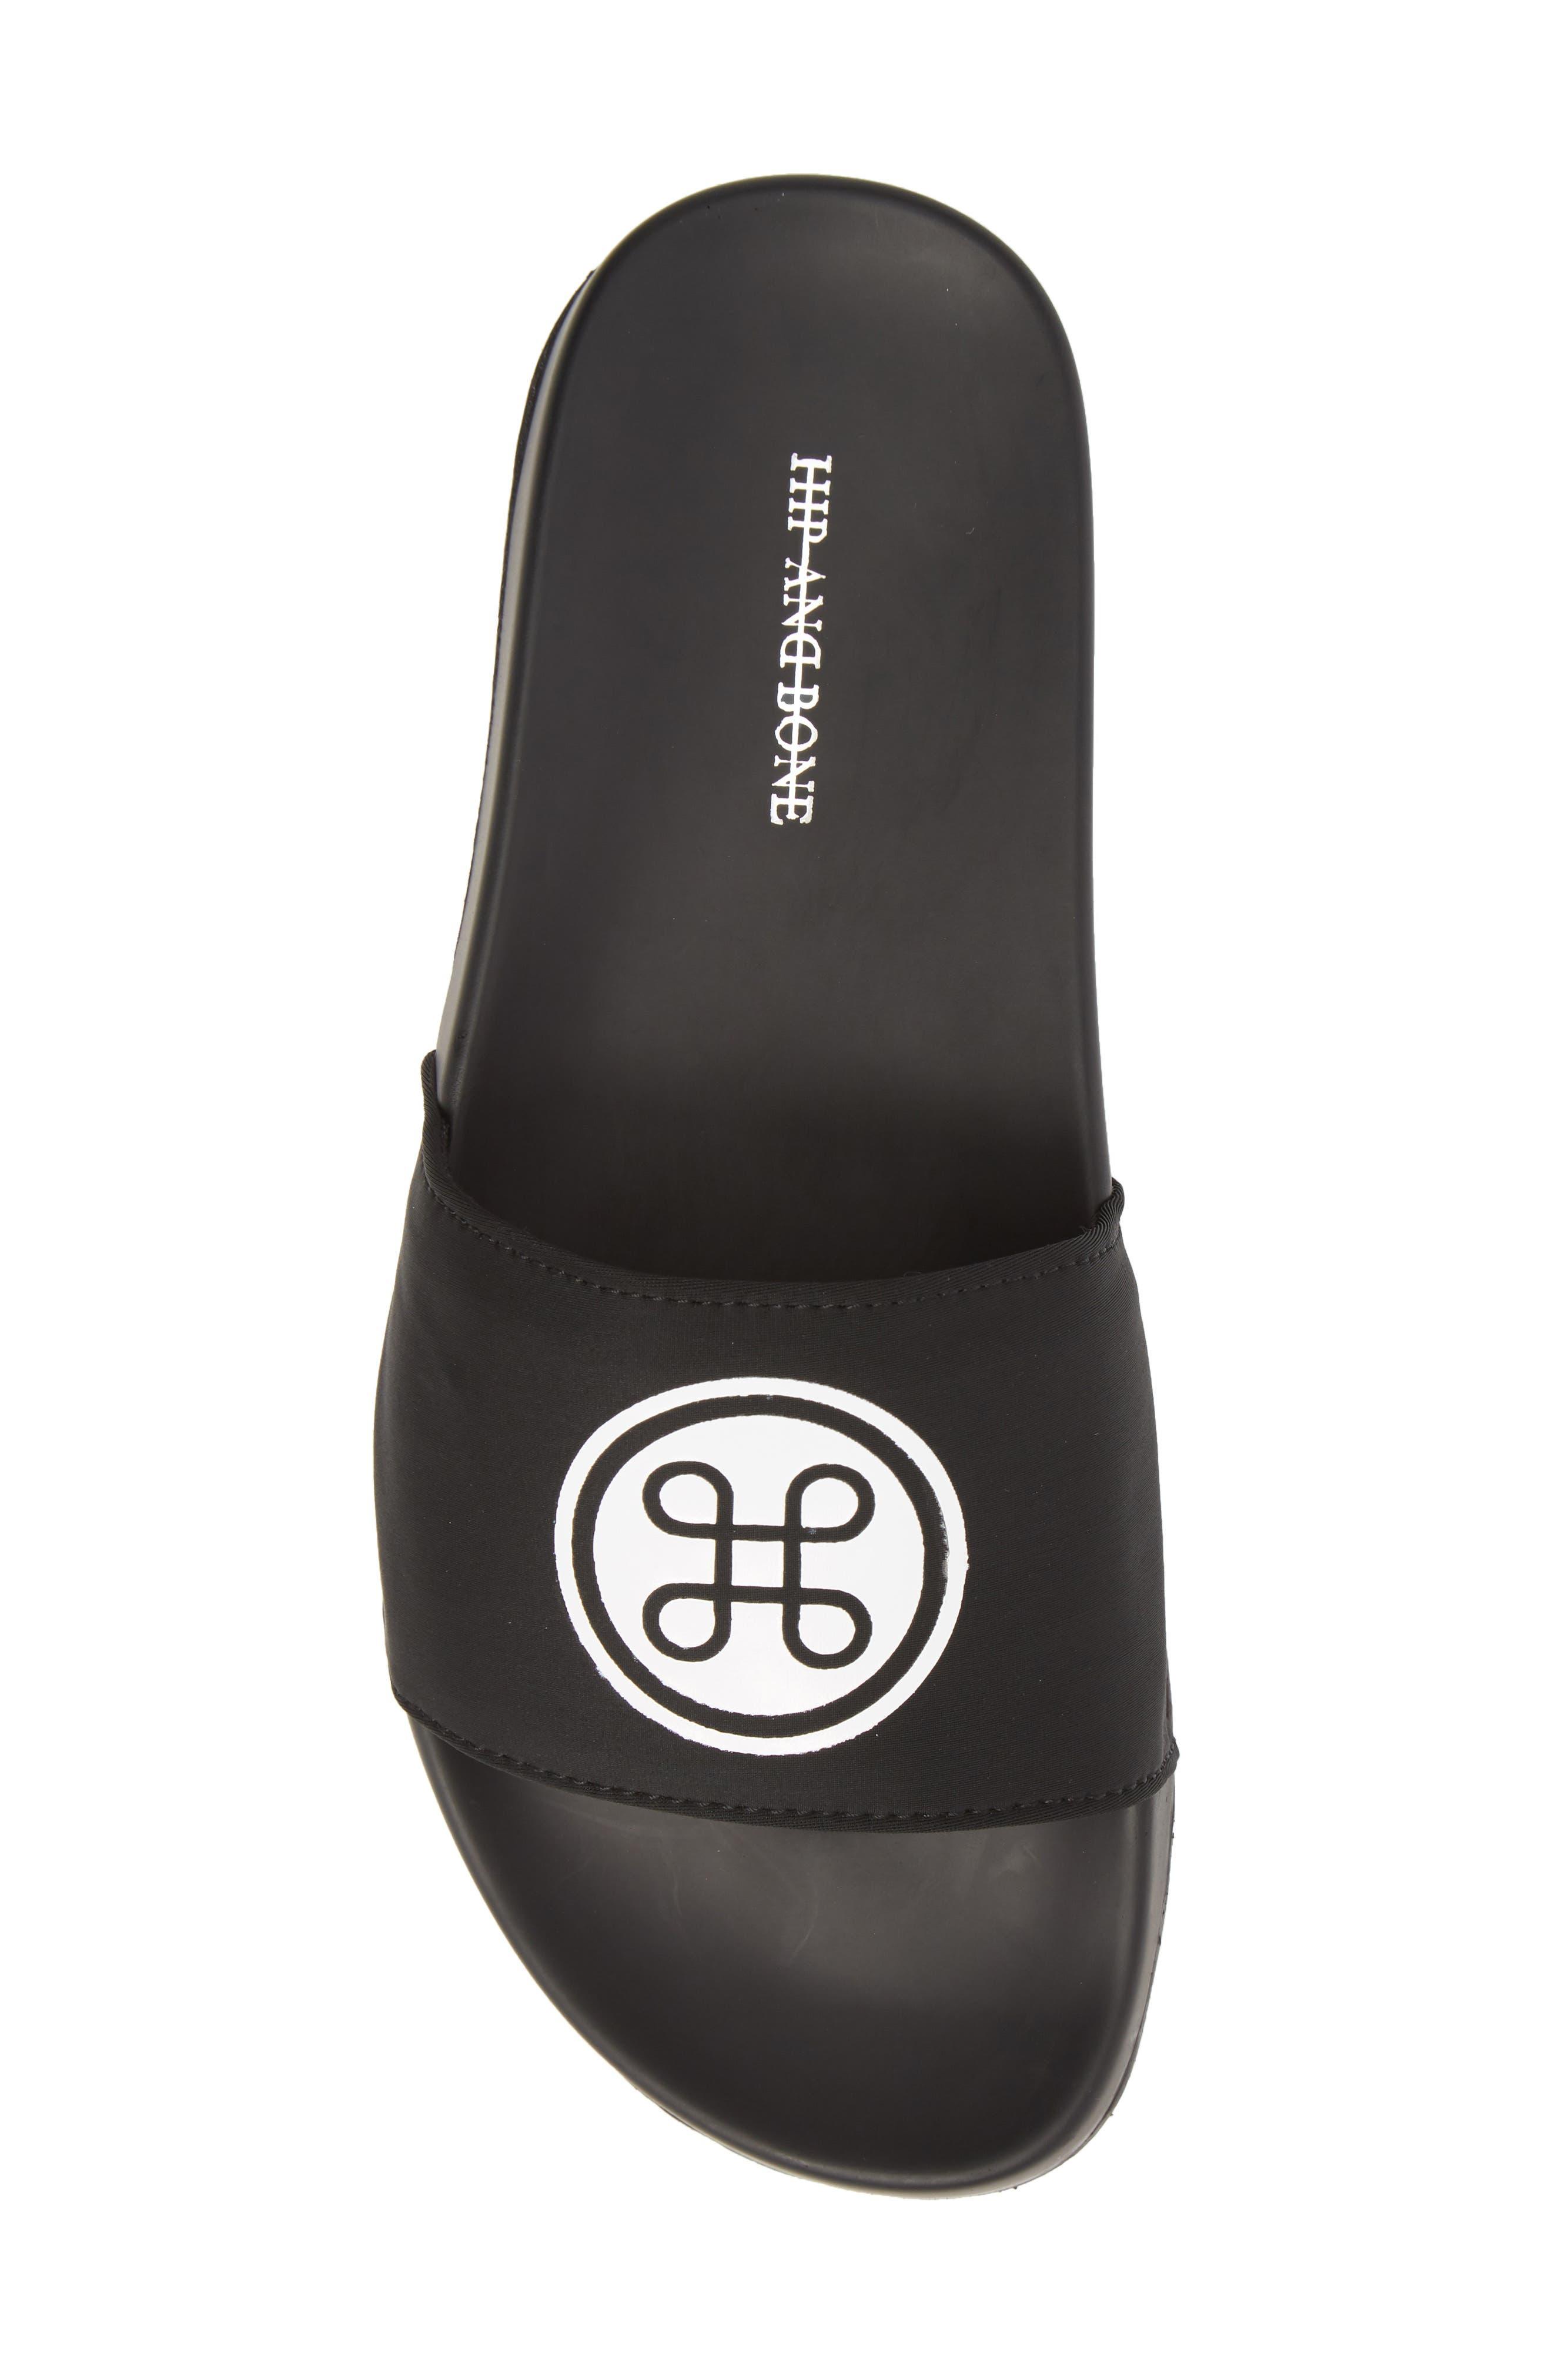 HB Logo Sport Slide,                             Alternate thumbnail 5, color,                             Black Neoprene Fabric